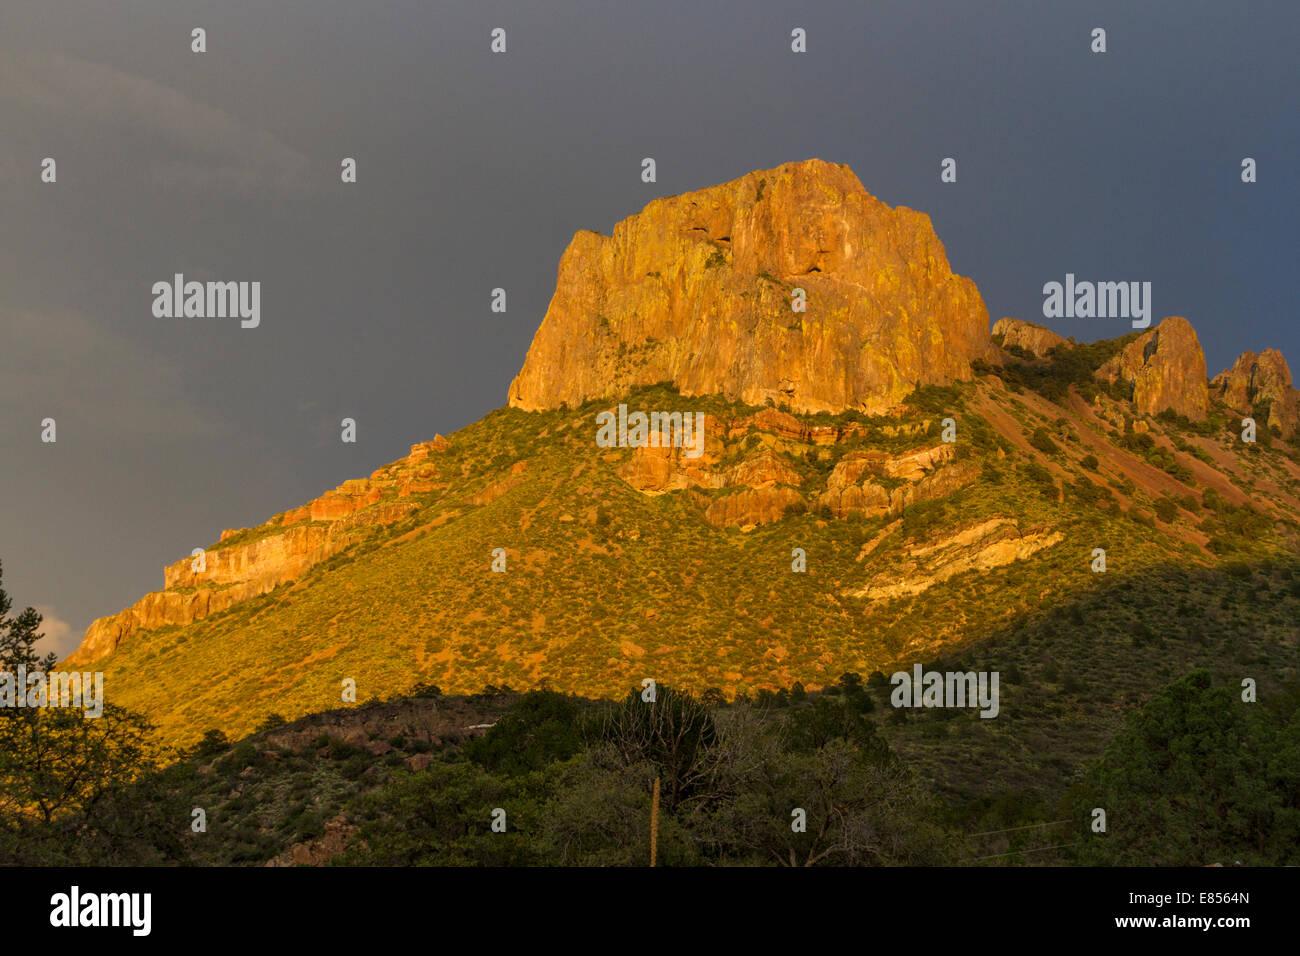 Lumière dorée au coucher du soleil sur la montagne Casa Grande, dans les montagnes Chisos, dans le parc national de Big Bend, dans l'ouest du Texas. Banque D'Images